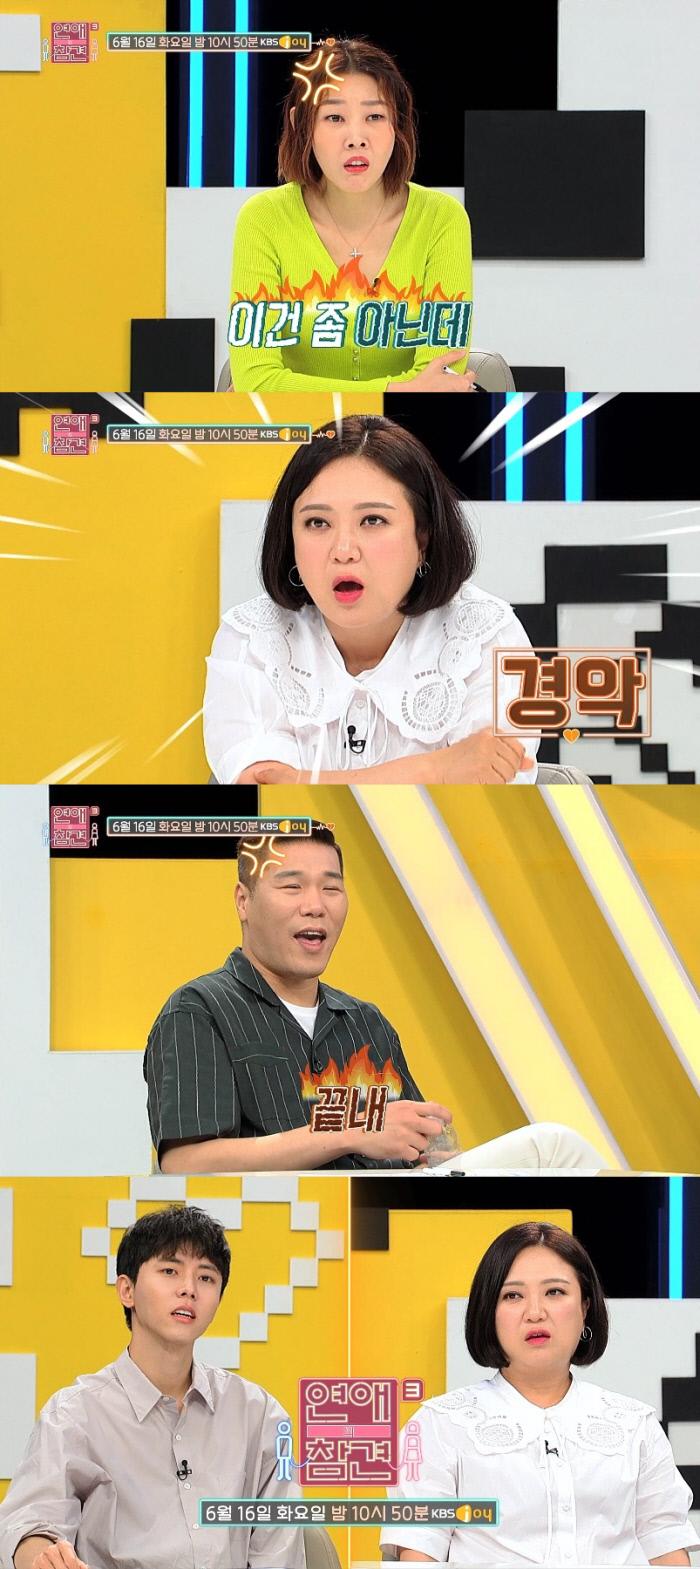 '연애의 참견' 오픈 릴레이션쉽이 흔한 거였어?! 끝장 본 '또 다른 사연' 등장! [채널예약]